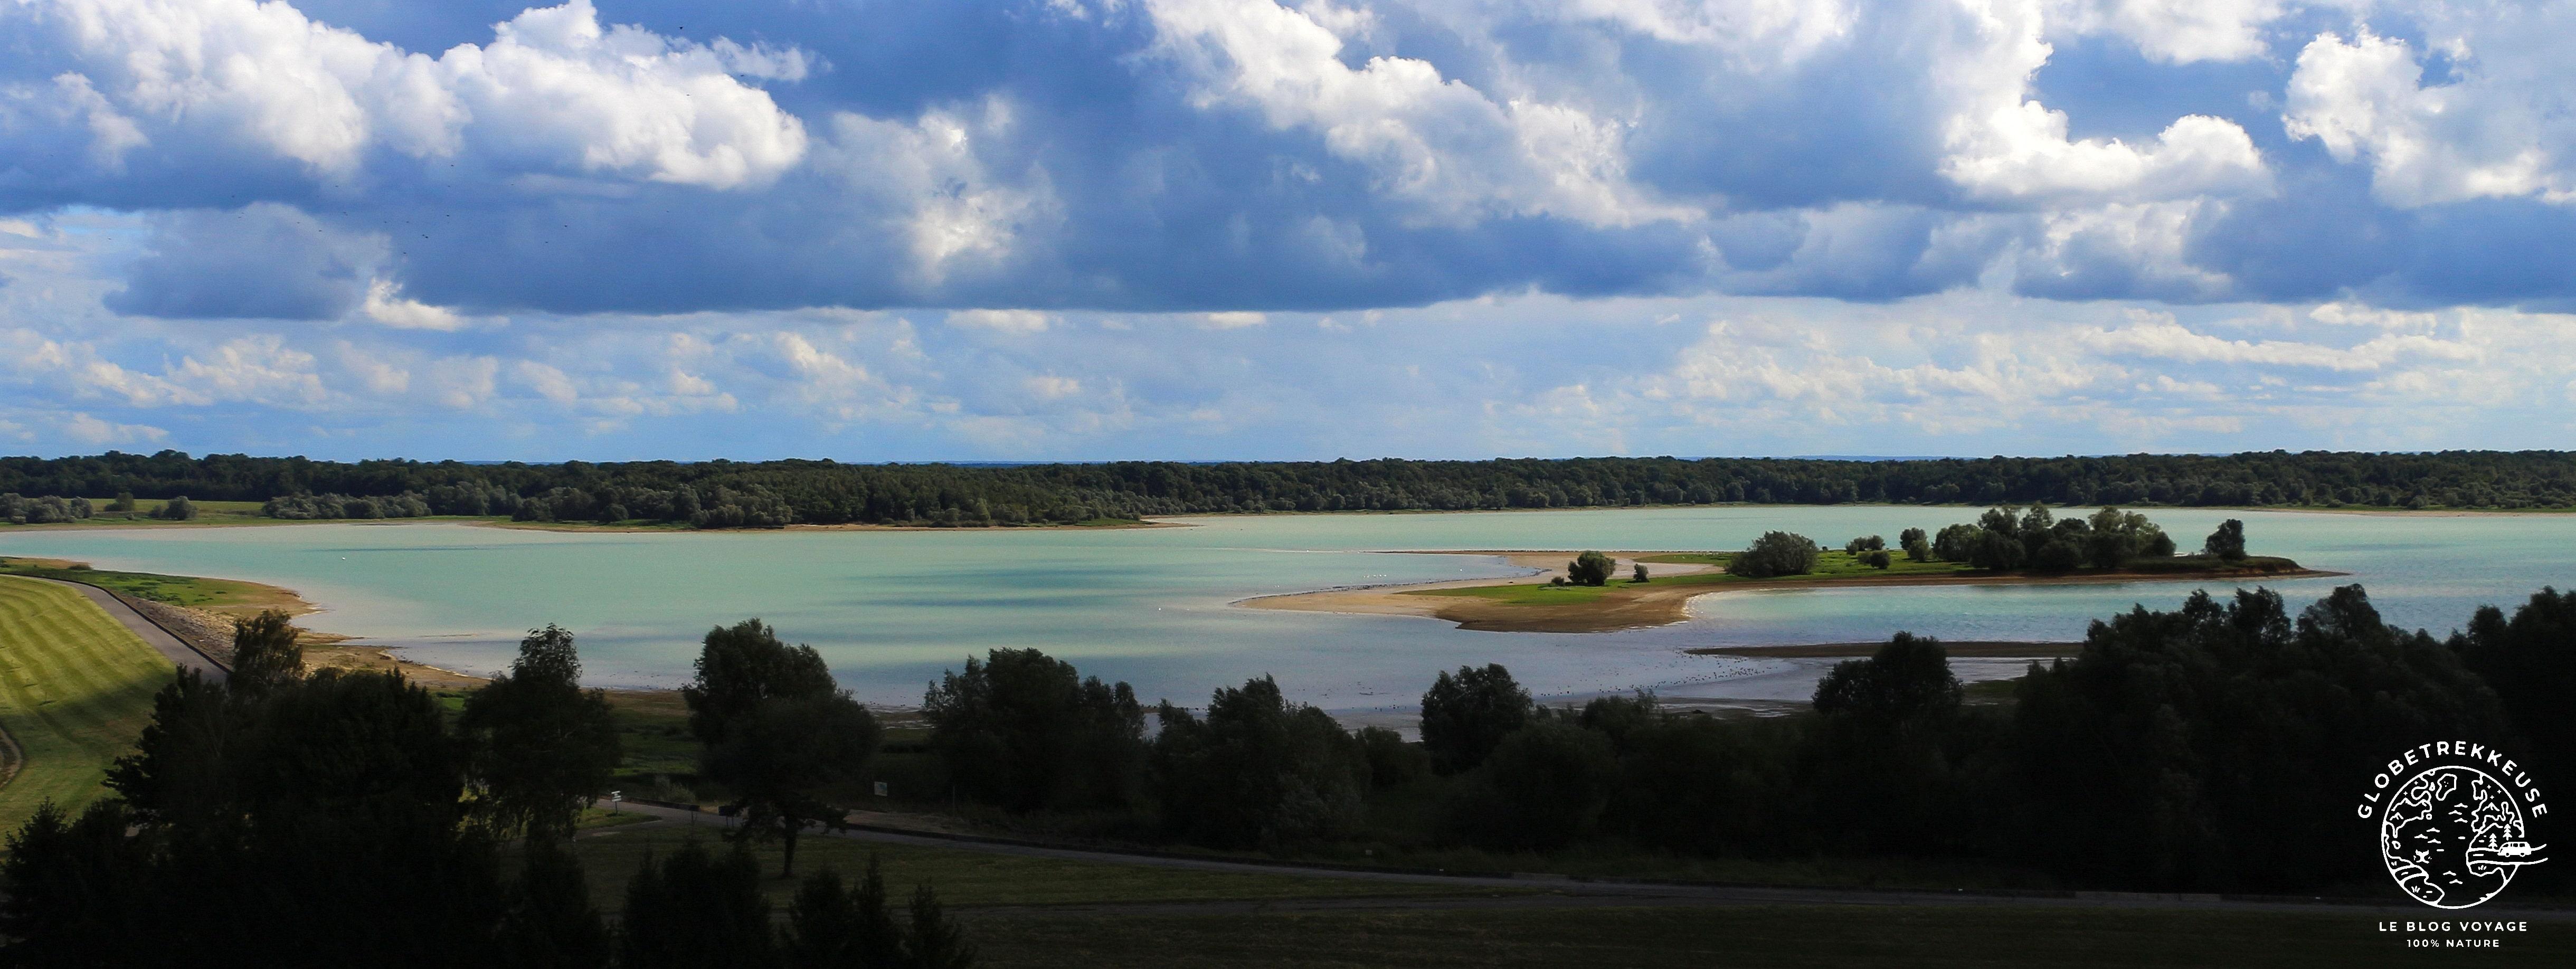 lac du der paysage septembre